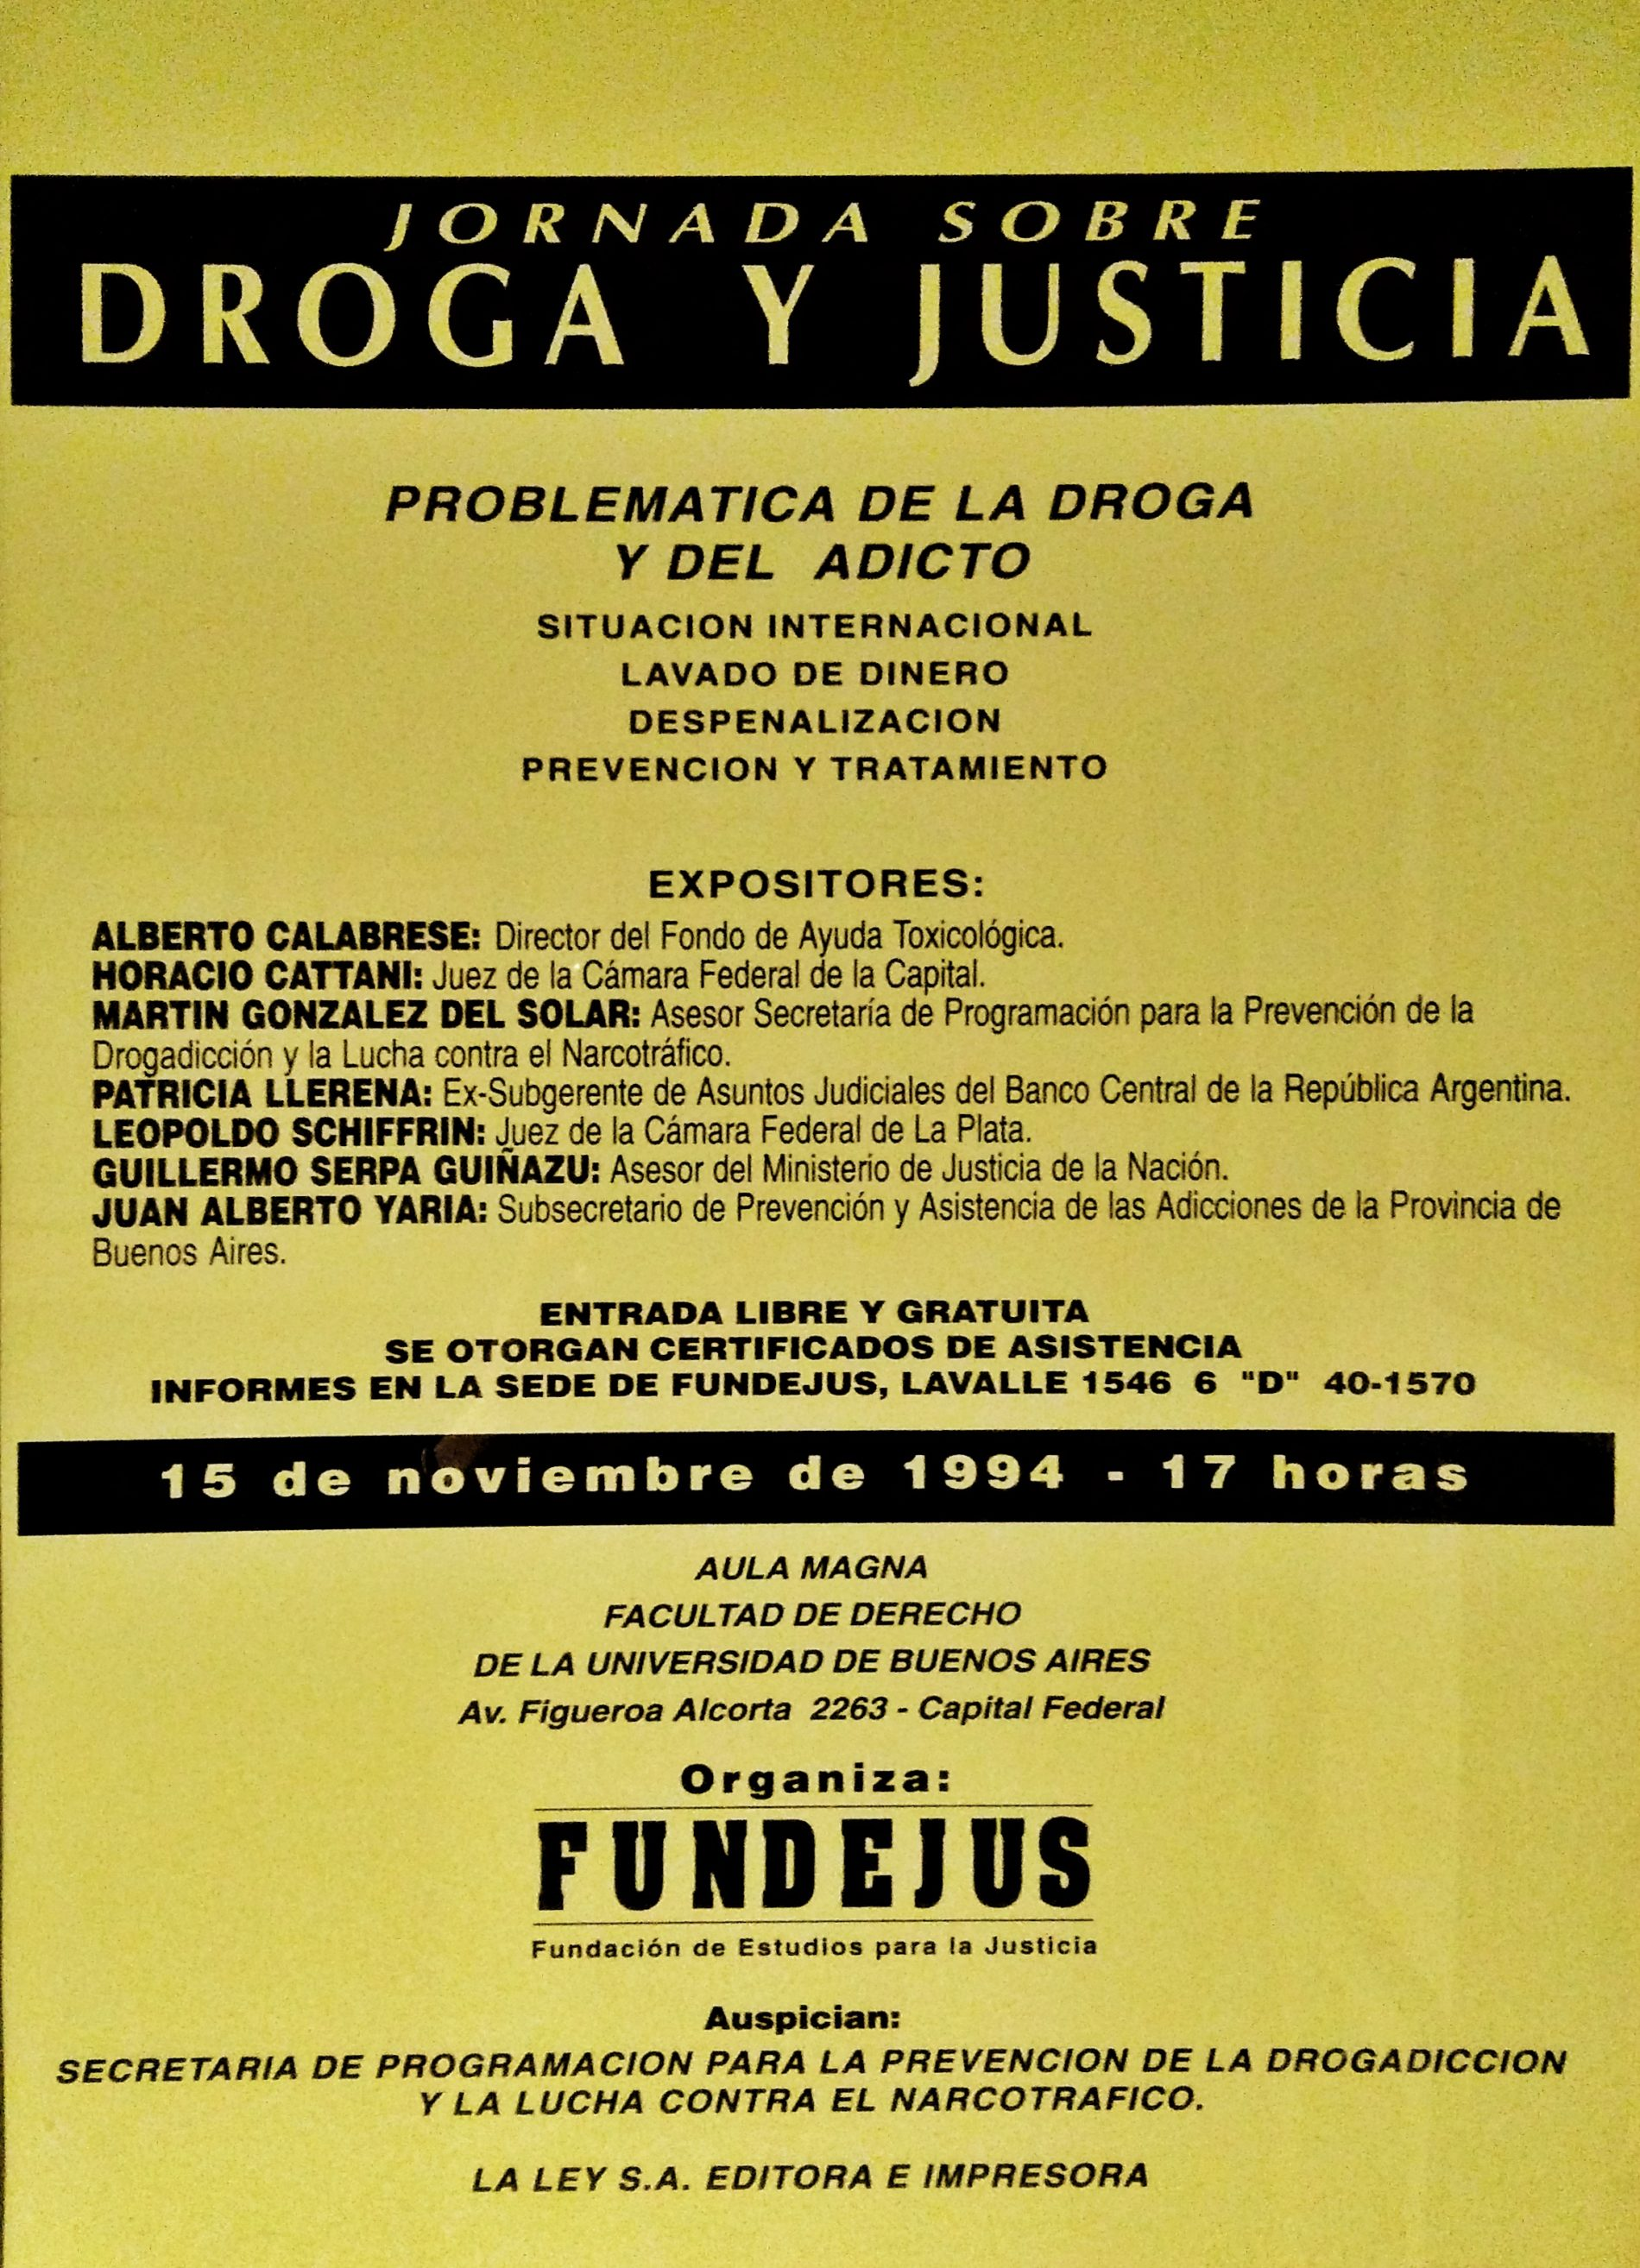 «Jornada sobre: DROGA Y JUSTICIA»